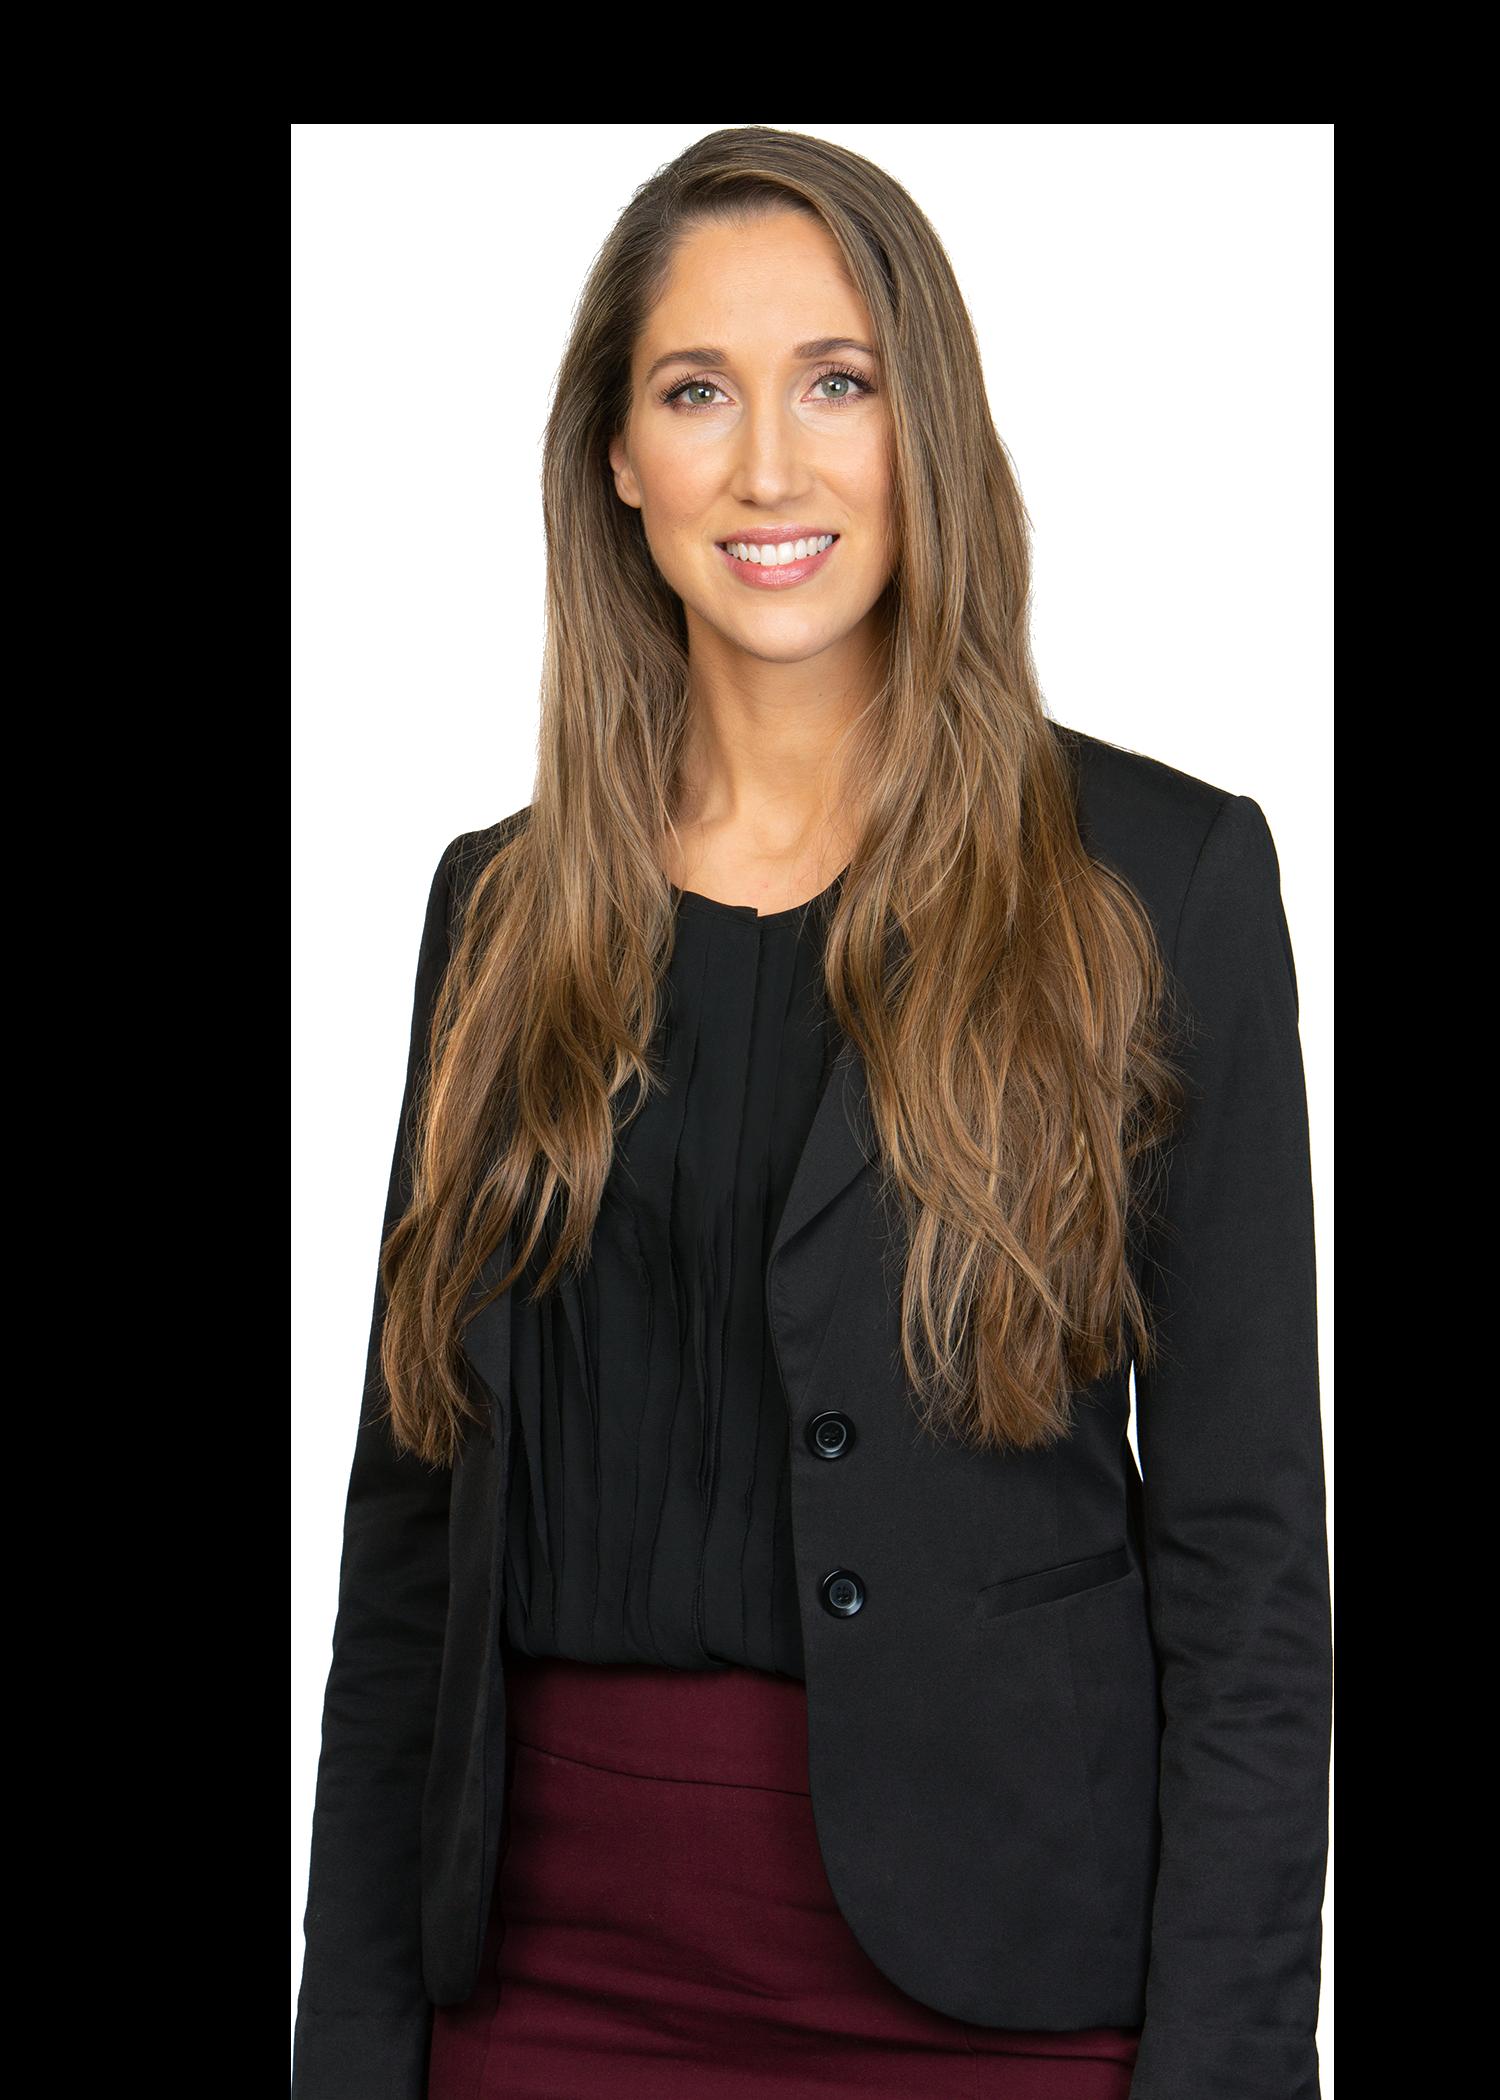 Erin Kirkaldy (32)